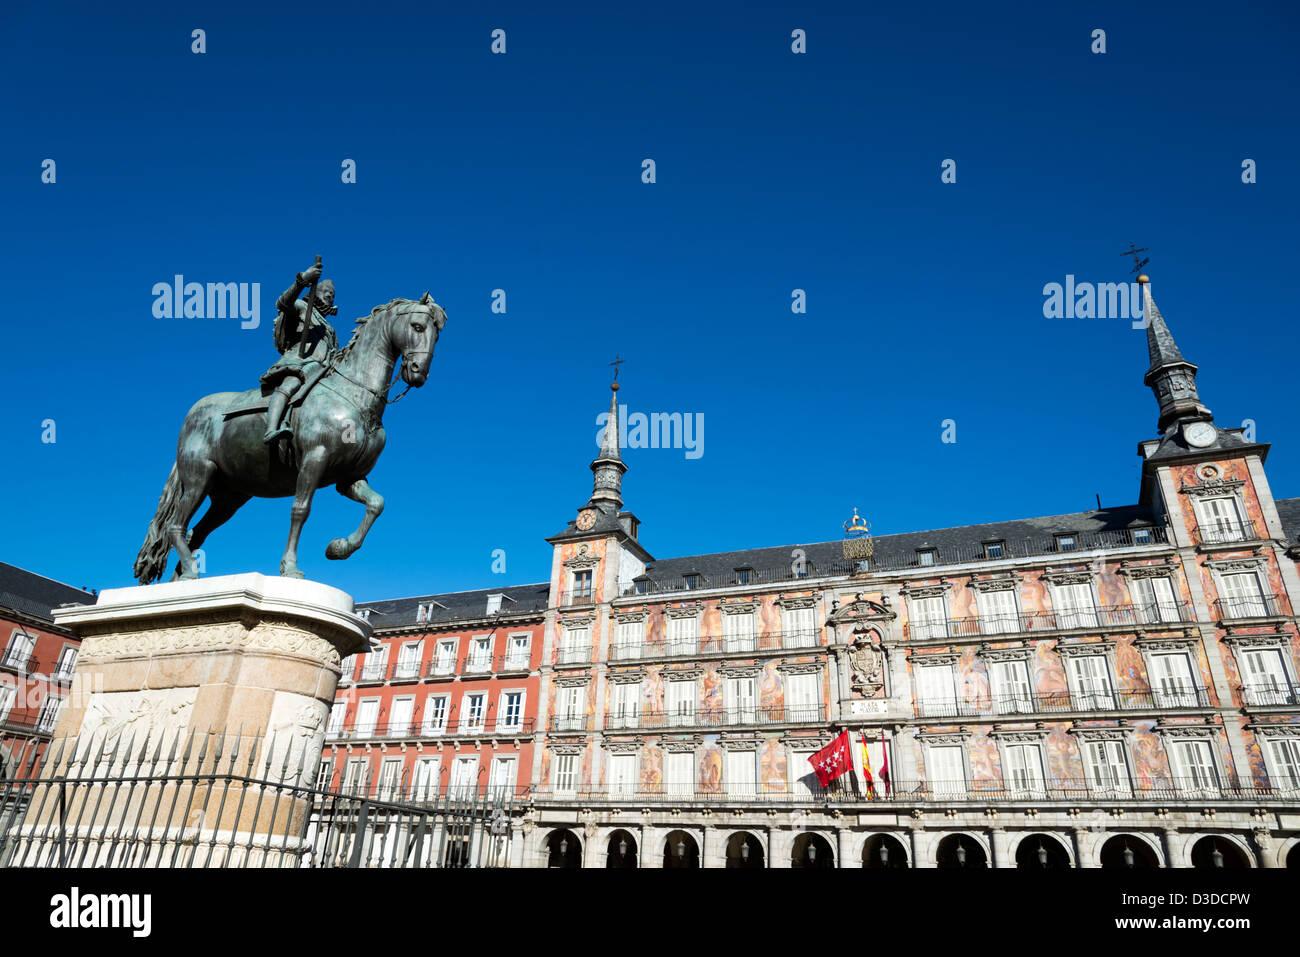 Statua equestre di Filippo III di Plaza Mayor, Madrid, Spagna Immagini Stock